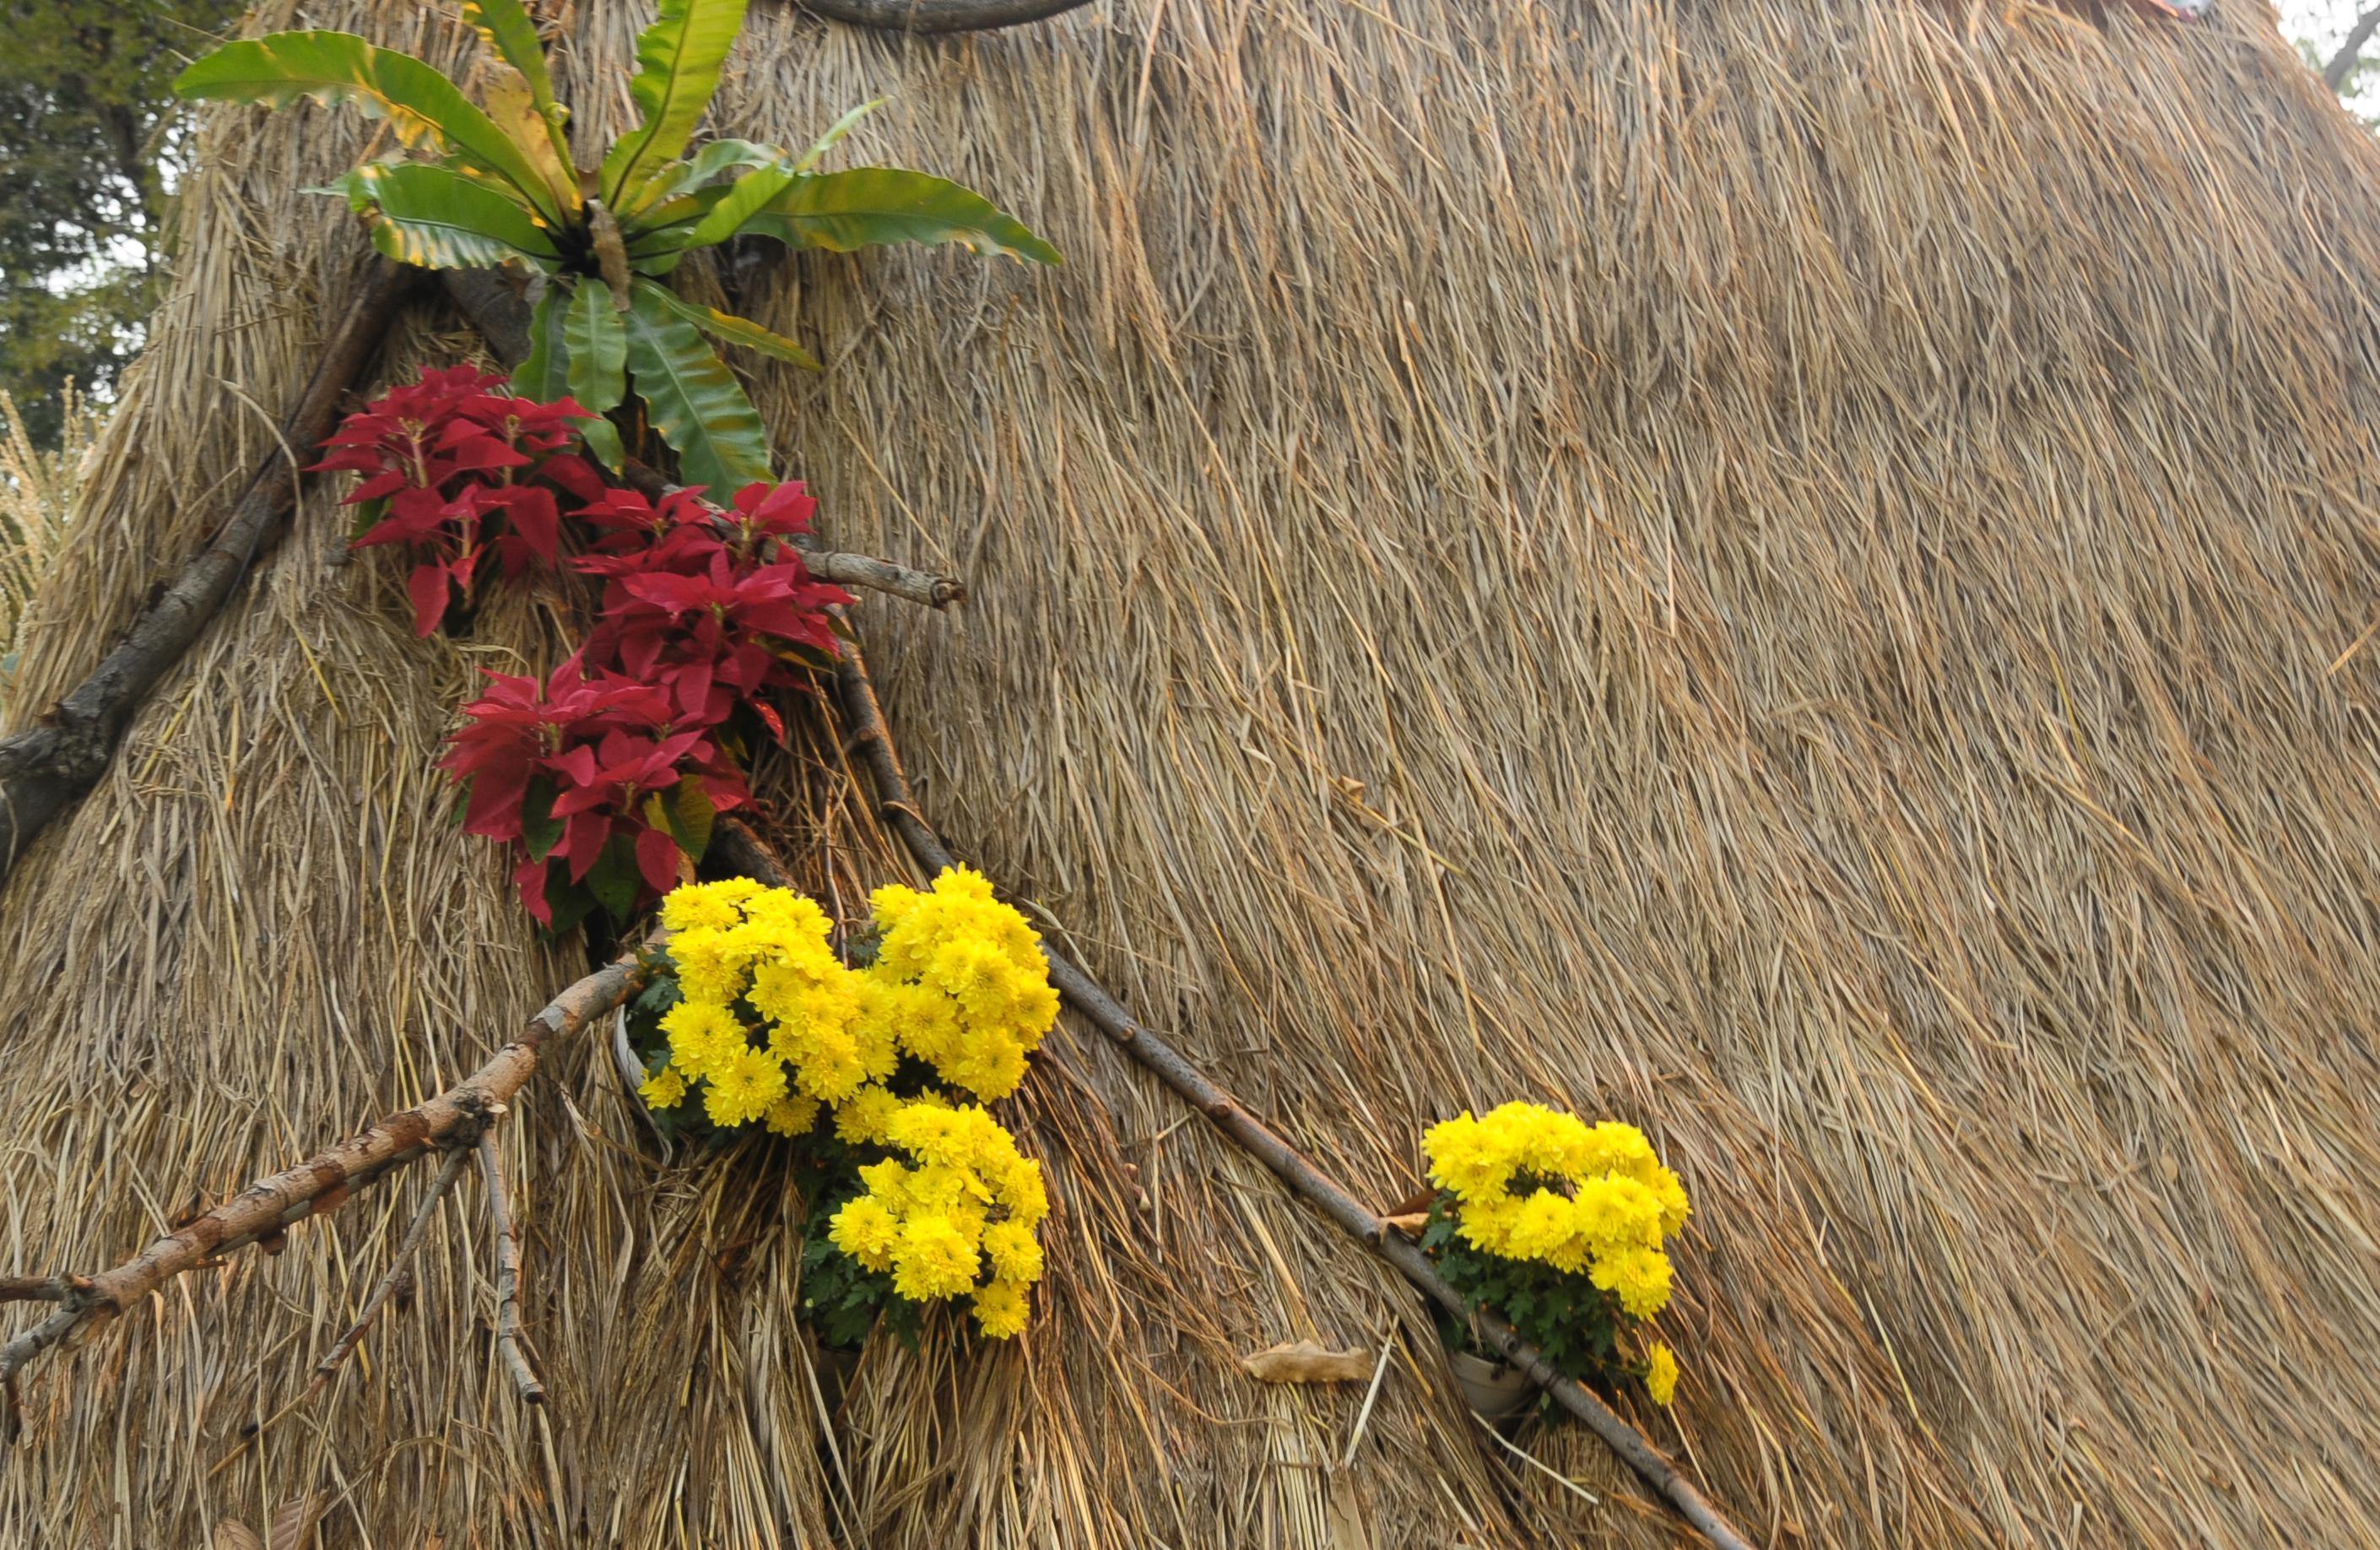 Gambar Sedotan Pemandangan Kuning Menanam Musim Semi Kayu Ranting Rumput Pohon Cabang Tanaman Berbunga Bunga Liar Mimosa Lantana Bagasi Tumbuhan Perdu 2820x1836 Trang Pham 1591515 Galeri Foto Pxhere